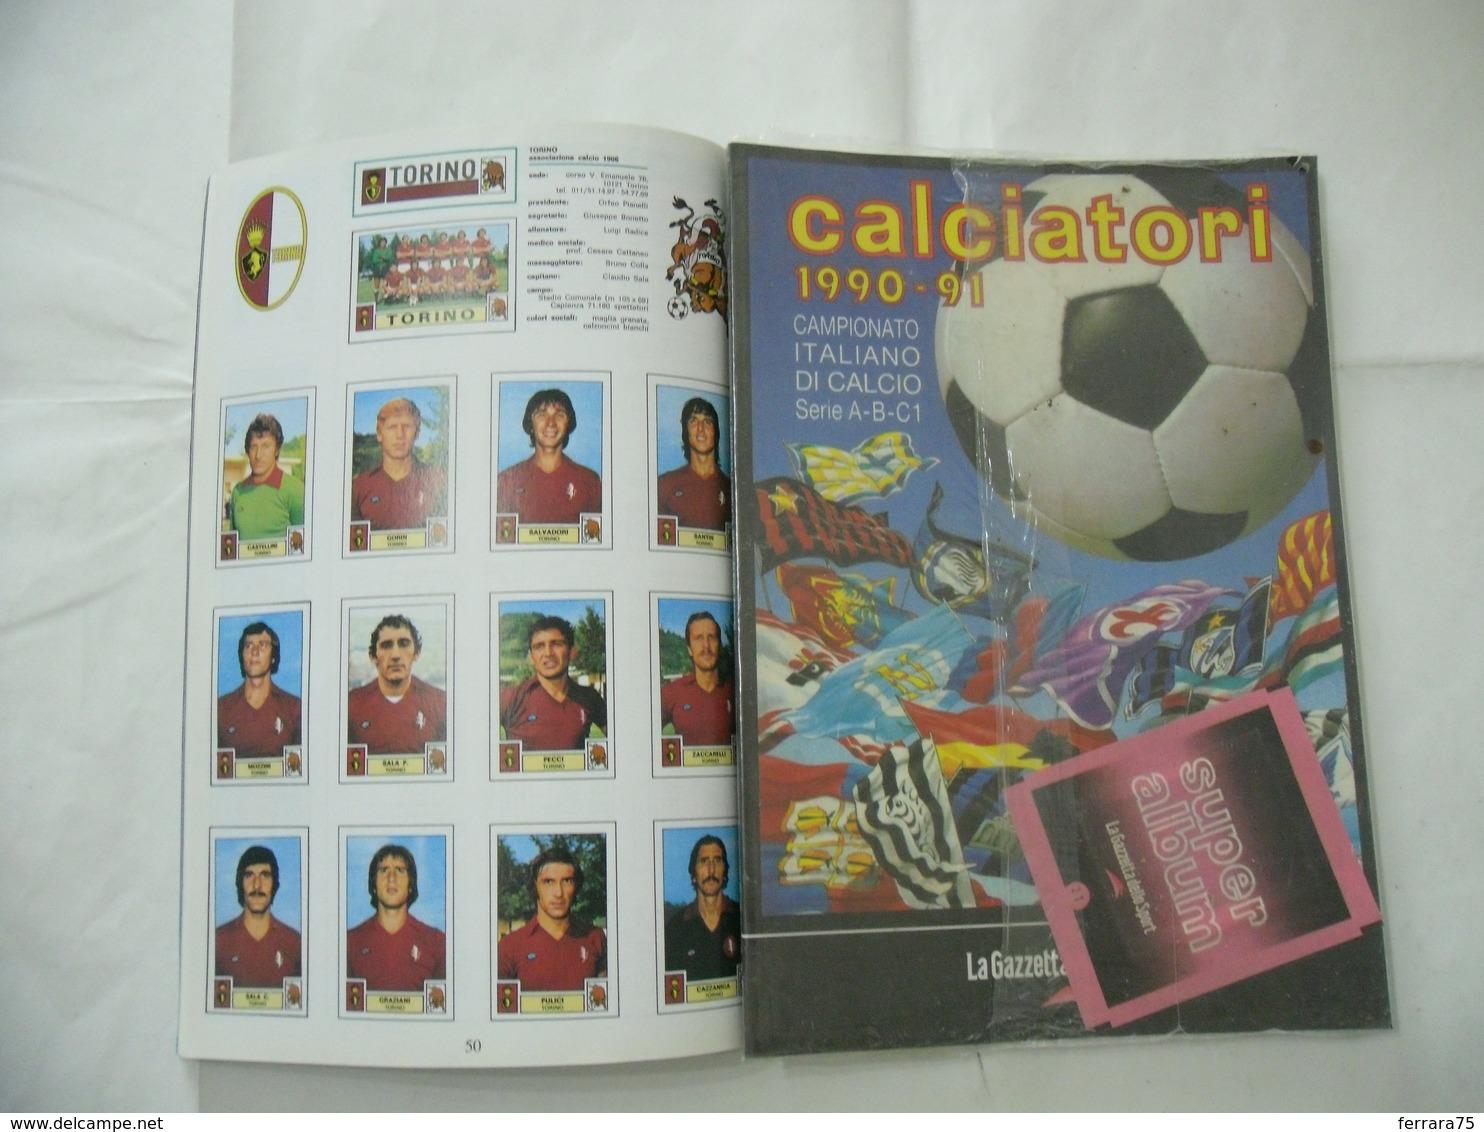 ALBUM PANINI CALCIATORI LA RACCOLTA COMPLETA 1990-1991 GAZZETTA DELLO SPORT - Panini